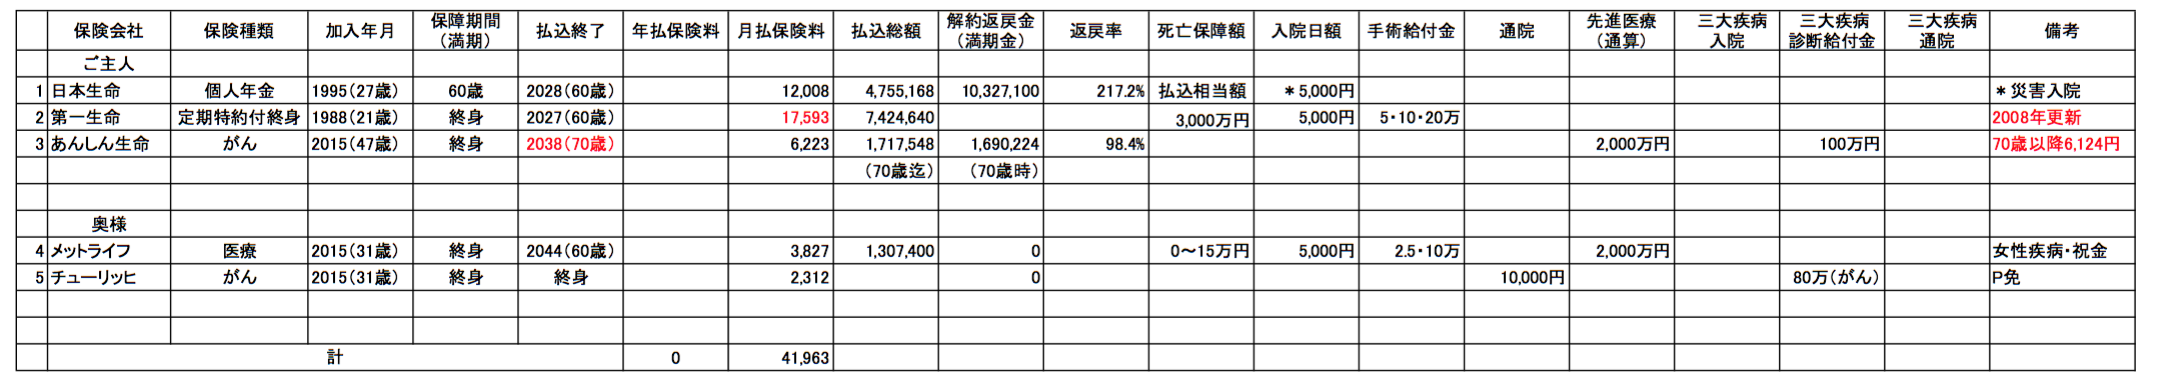 保険証券分析20160205